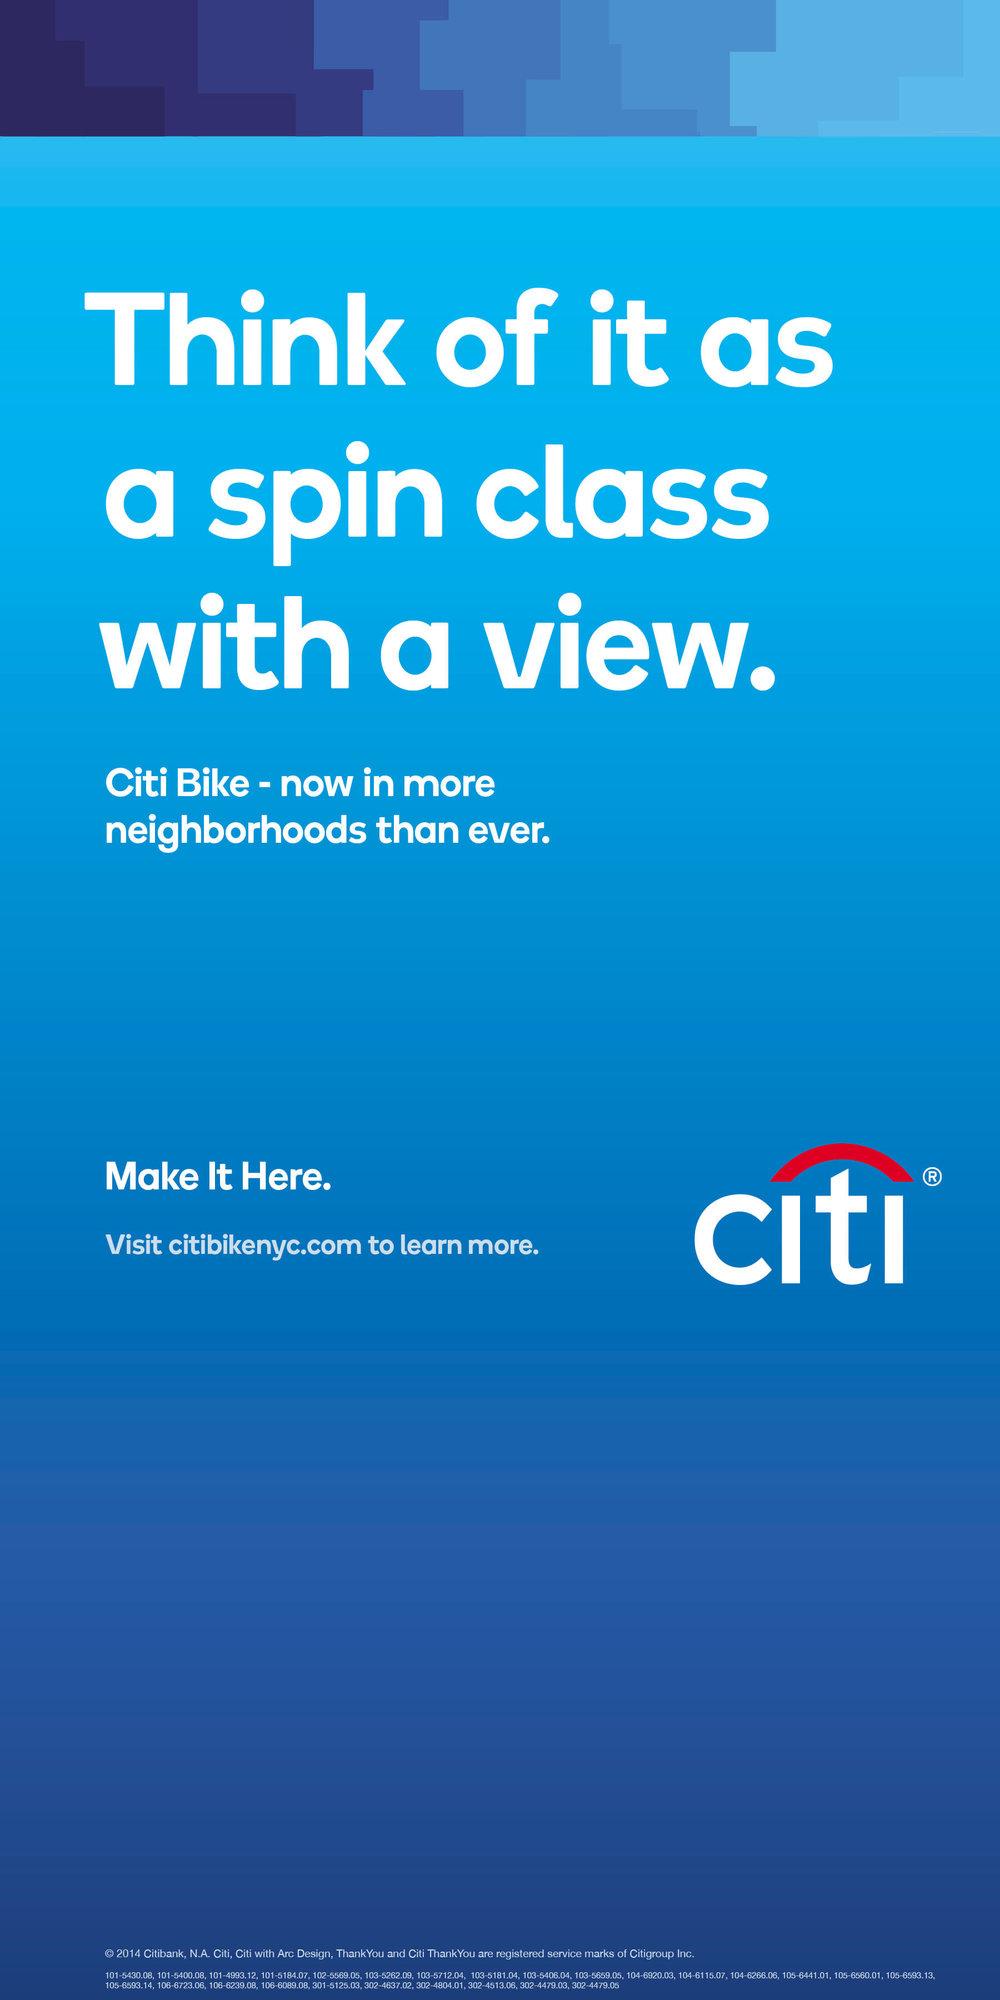 Citibike_spinclass.jpg